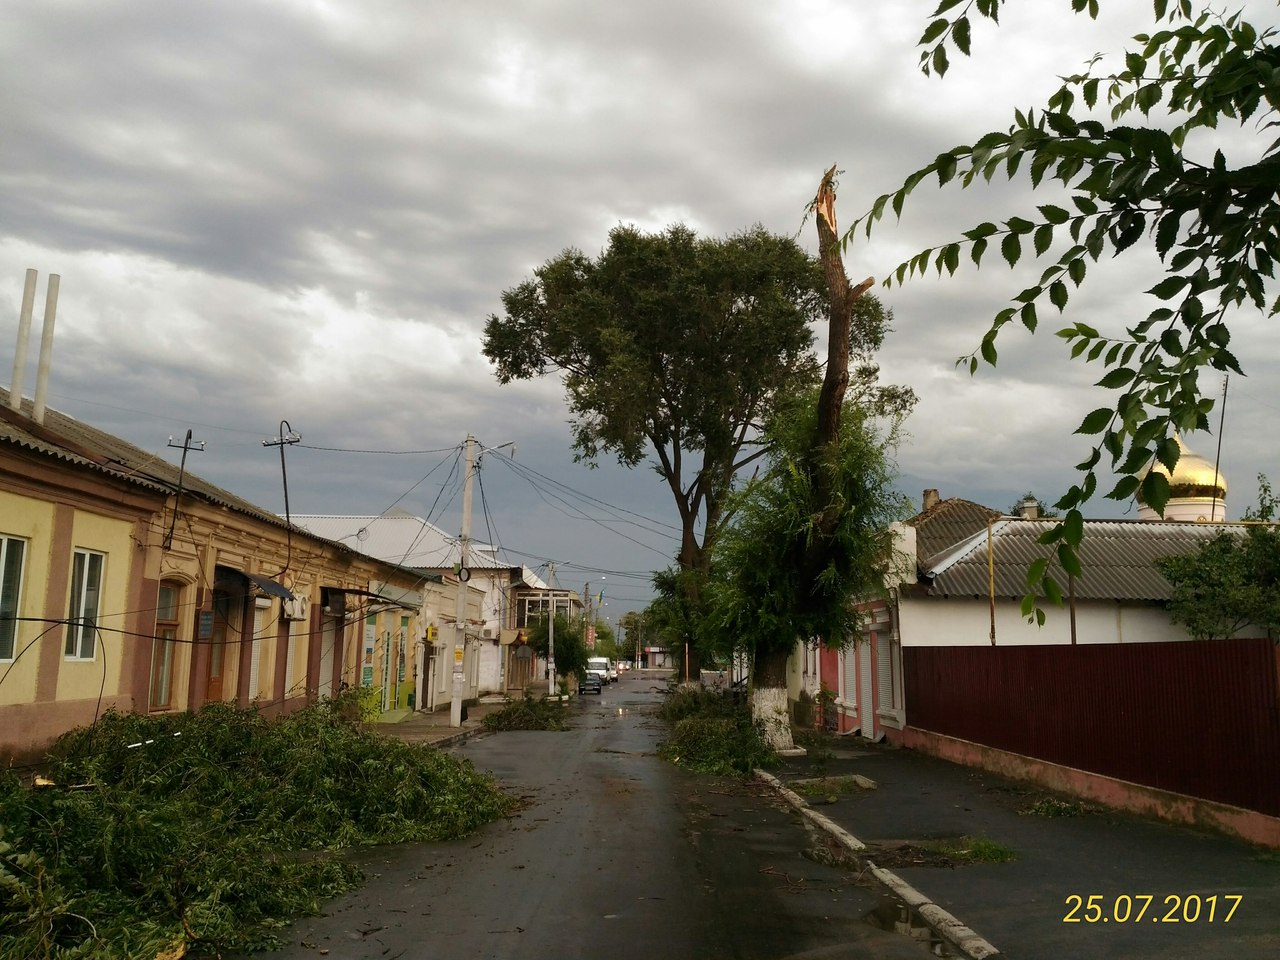 AqtbzOlW8ns По Рени и району прокатился ураган, принесший немало хлопот коммунальщикам, местным жителям и фермерам